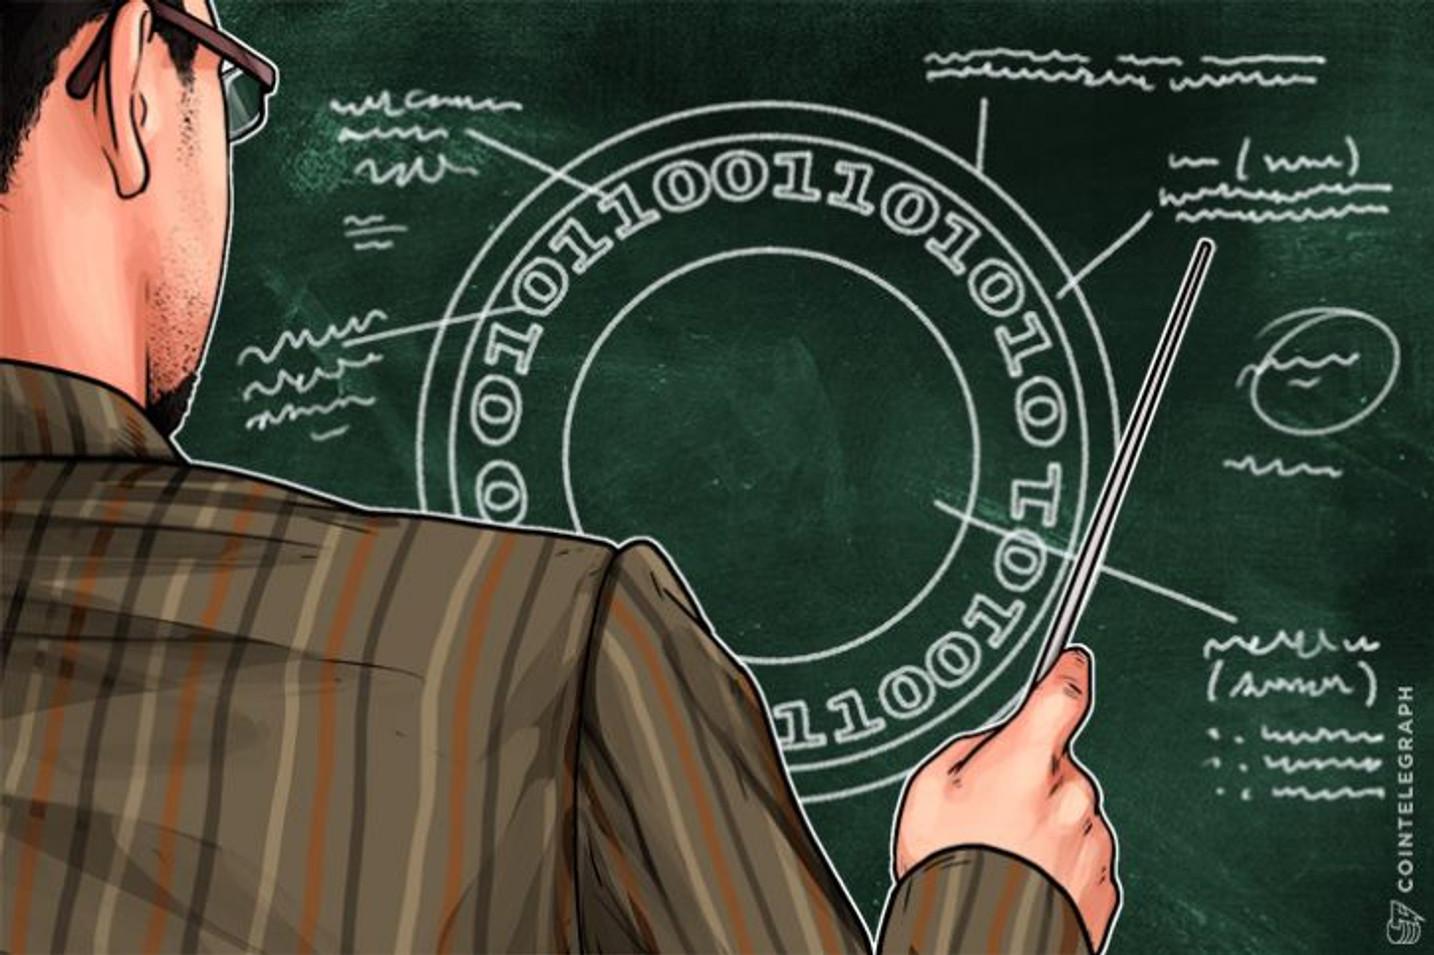 Studija: Broj aktivnih bitkoin novčanika je porastao više od četiri puta za pet godina